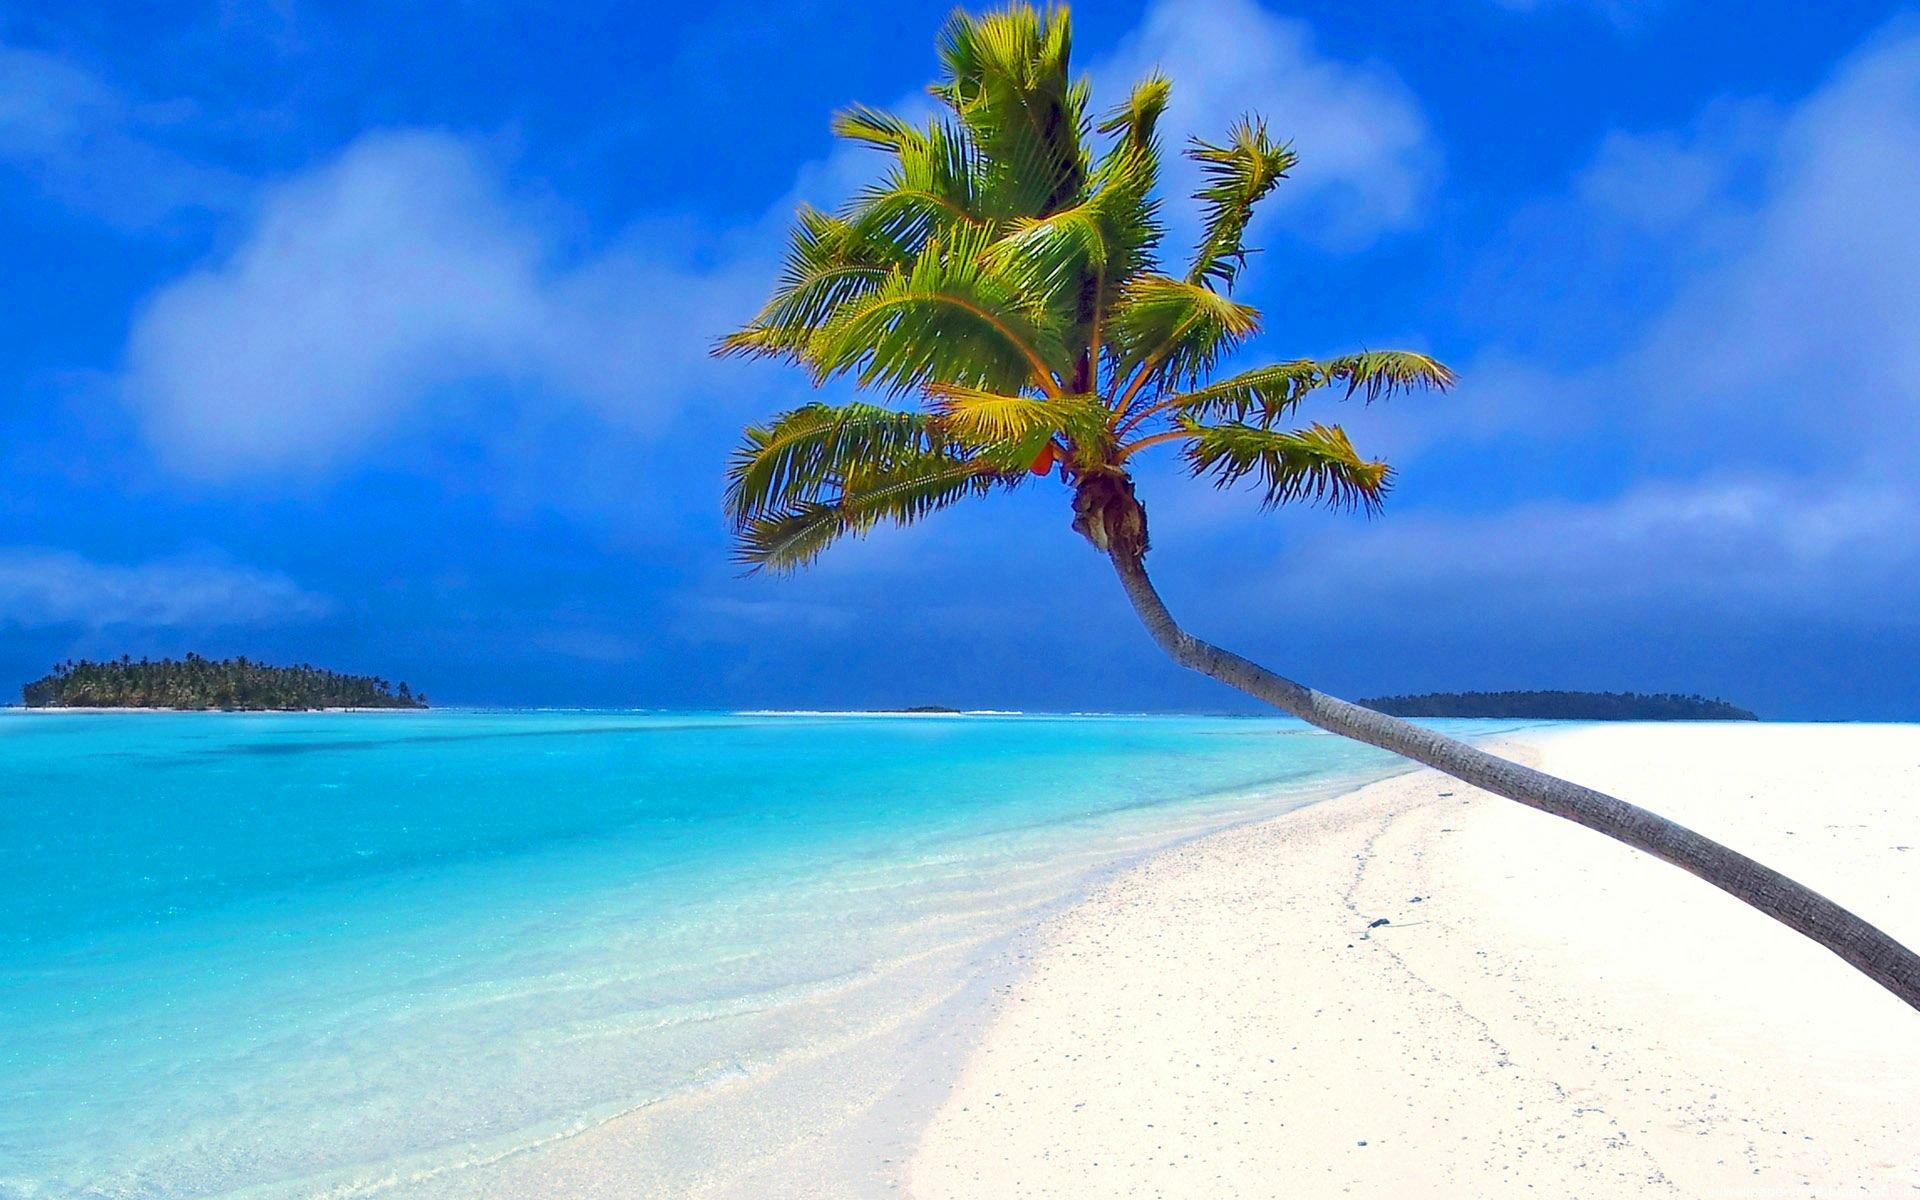 Картинки остров лето